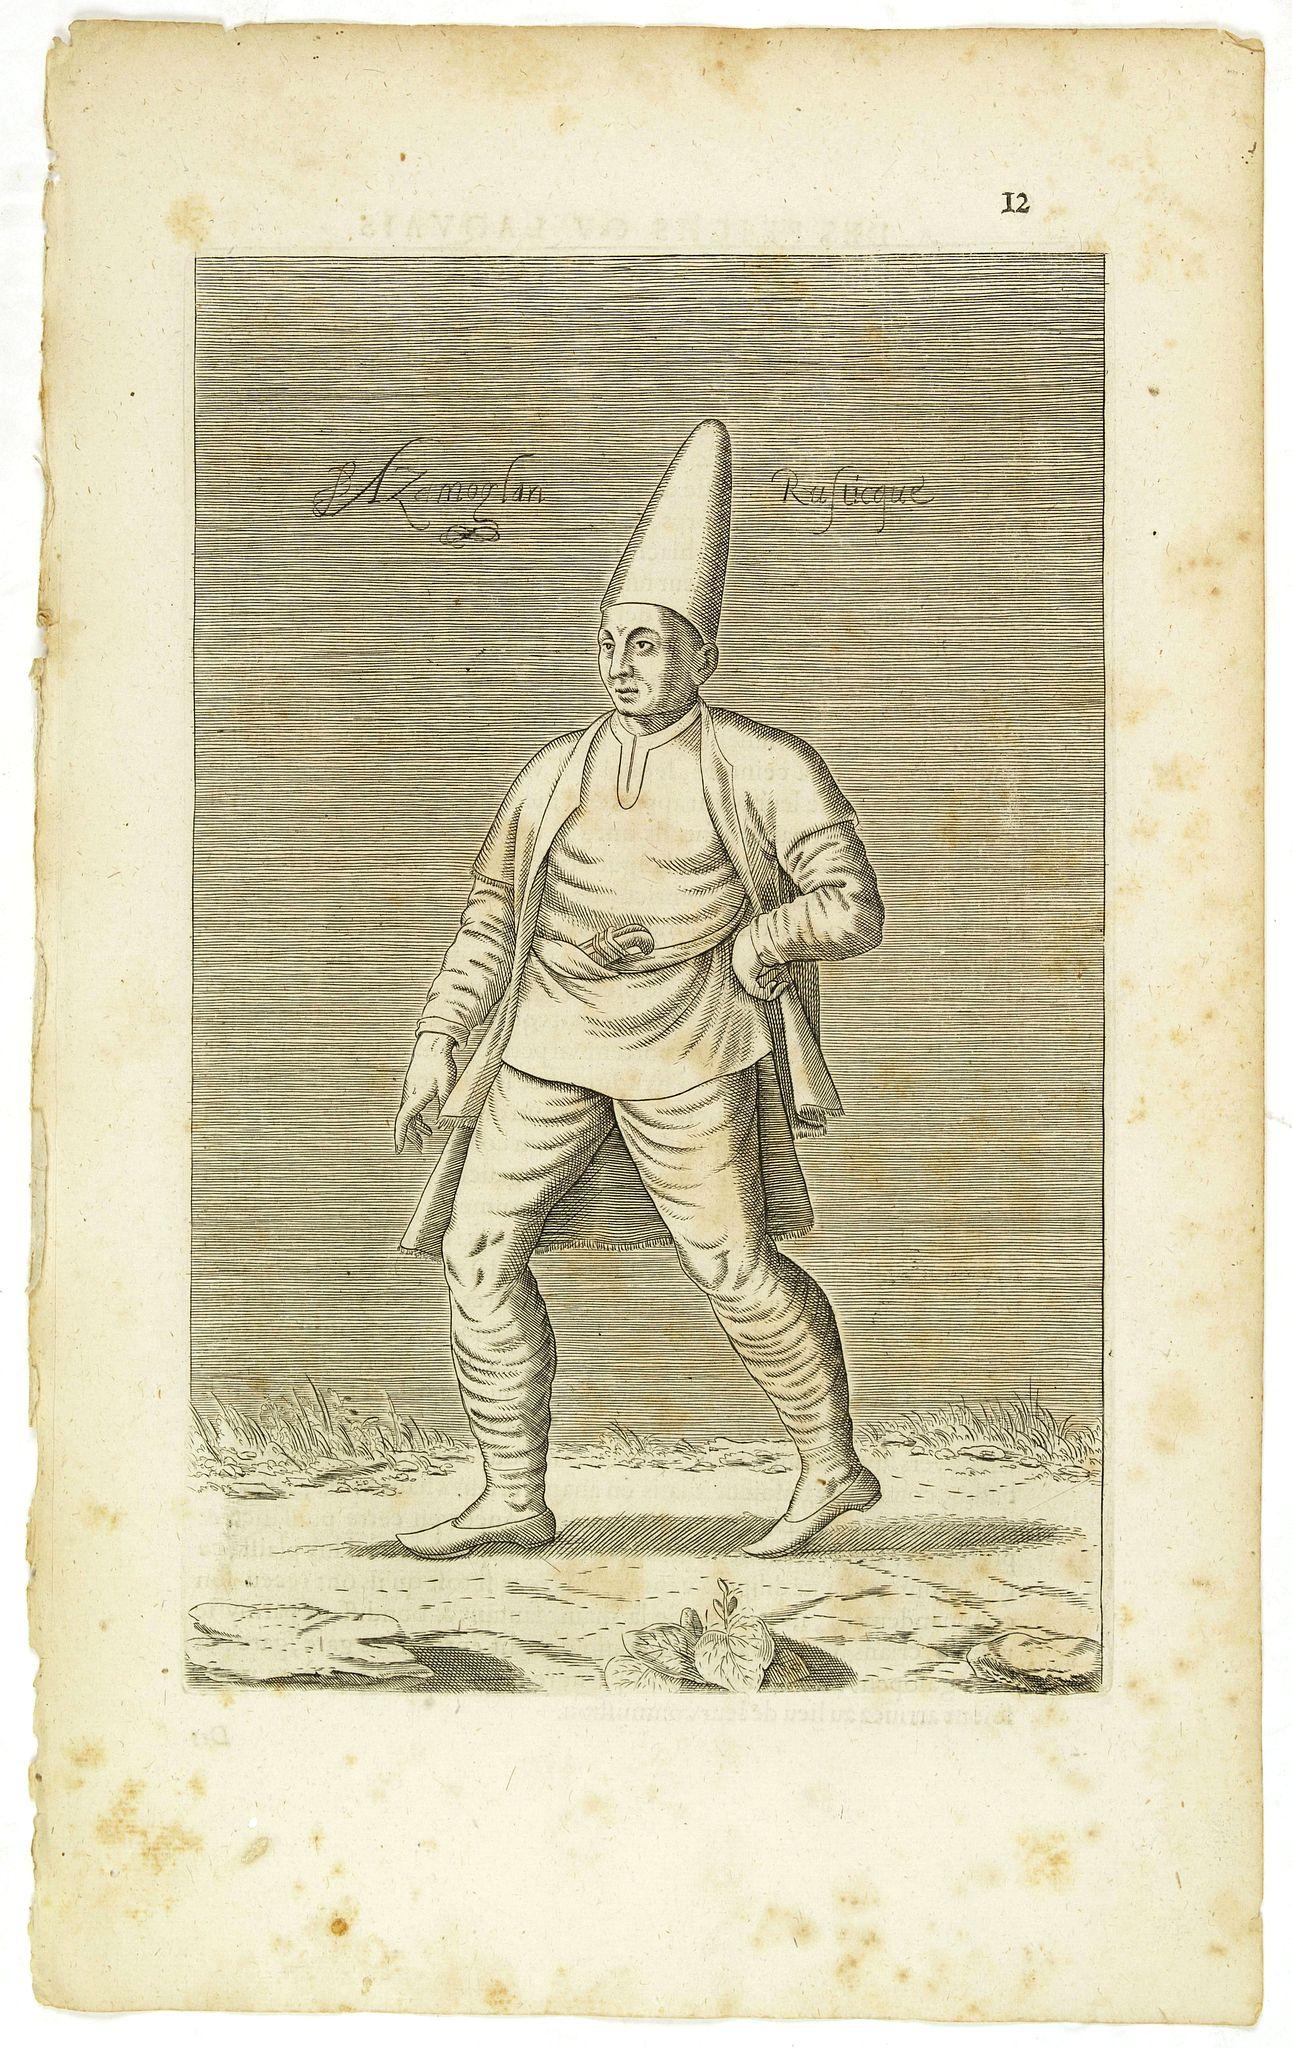 NICOLAS DE NICOLAY, Thomas Artus (sieur d'Embry). -  Azamoglan Rustique .(12)